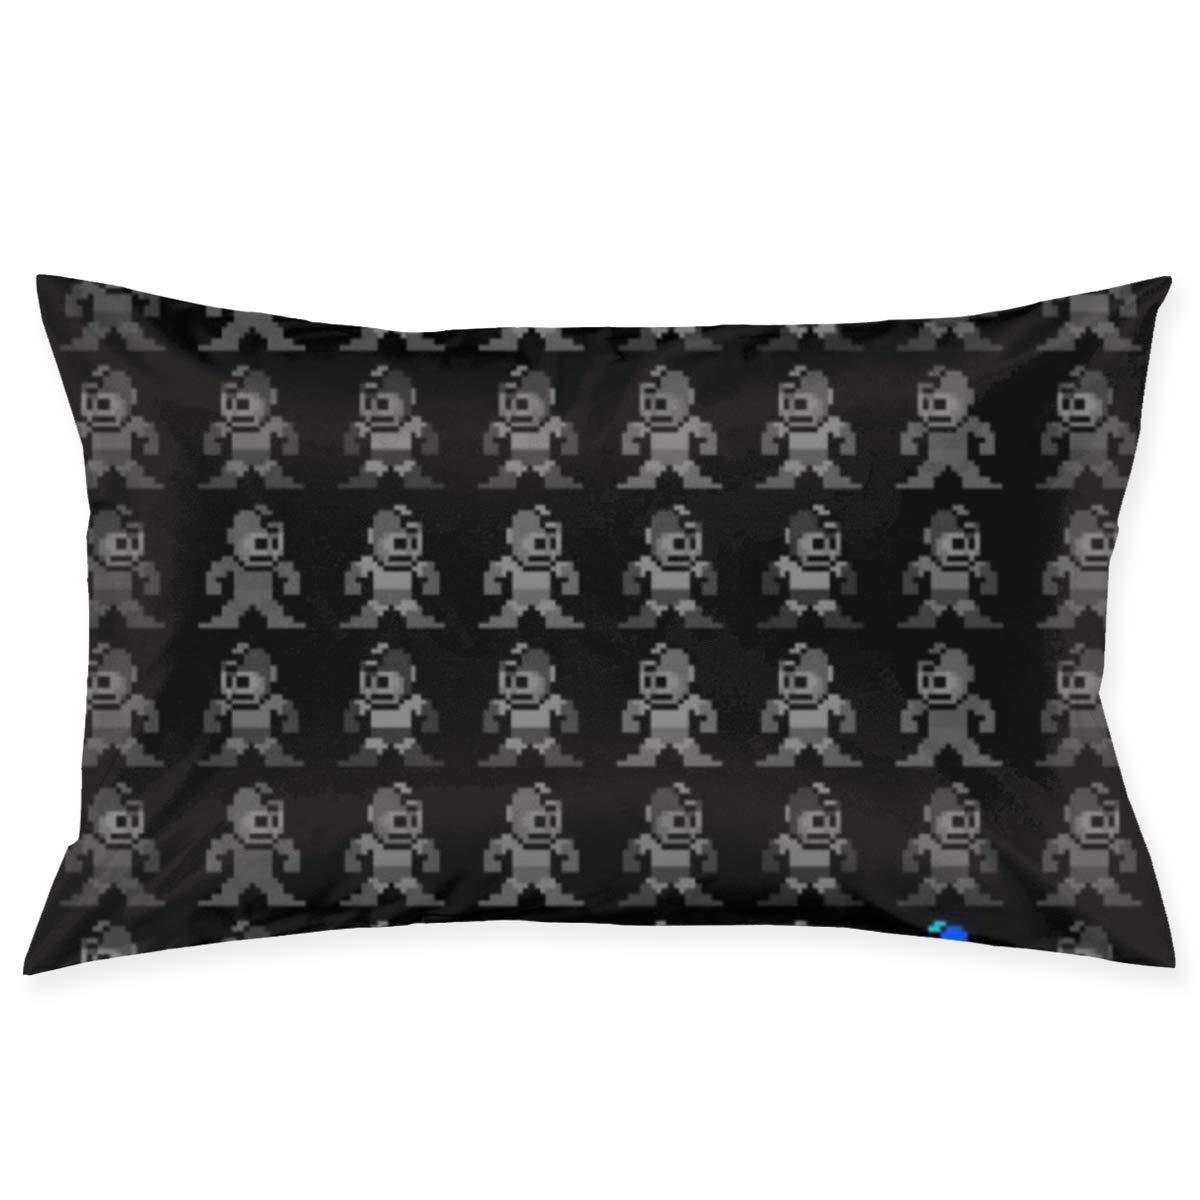 Ciuaole Throw Pillow Covers Where's Mega Man Standard Pillowcases 20 x 30 Inch Ultra Soft Microfiber